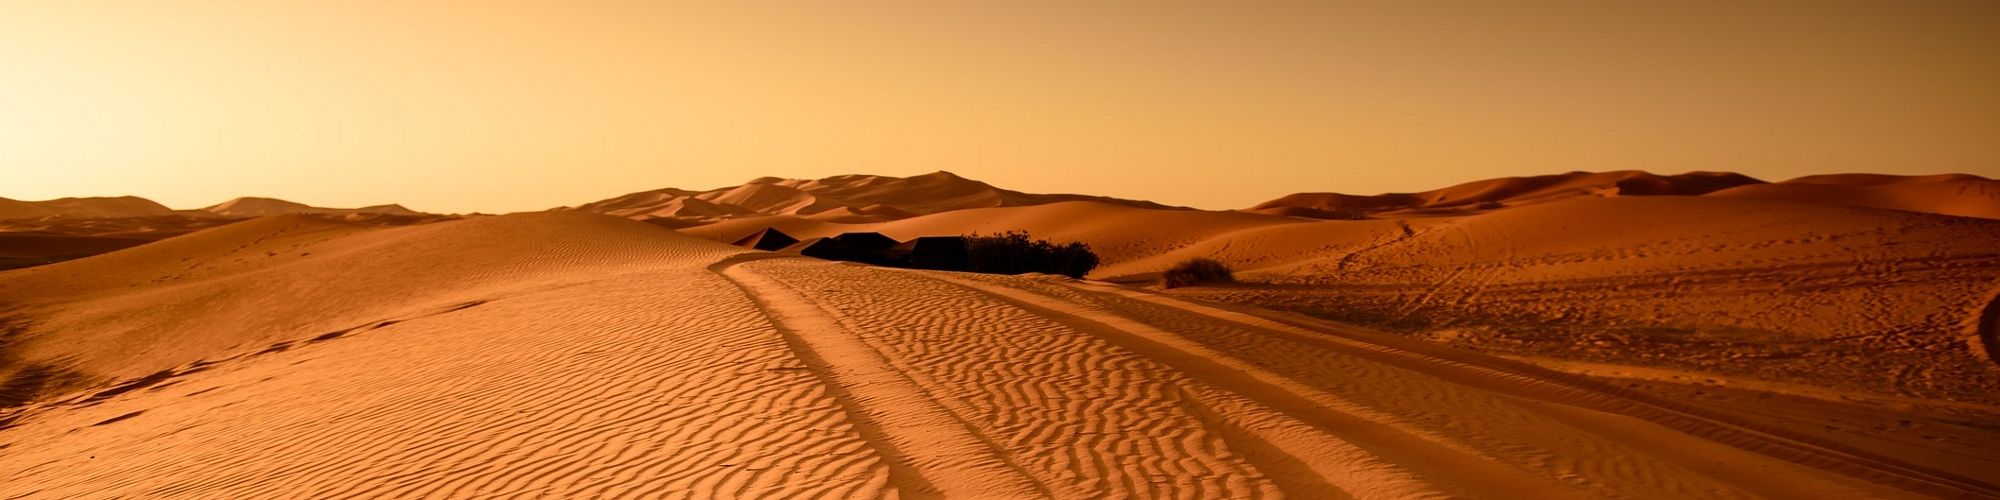 Te acompañamos en tu viaje por el desierto.